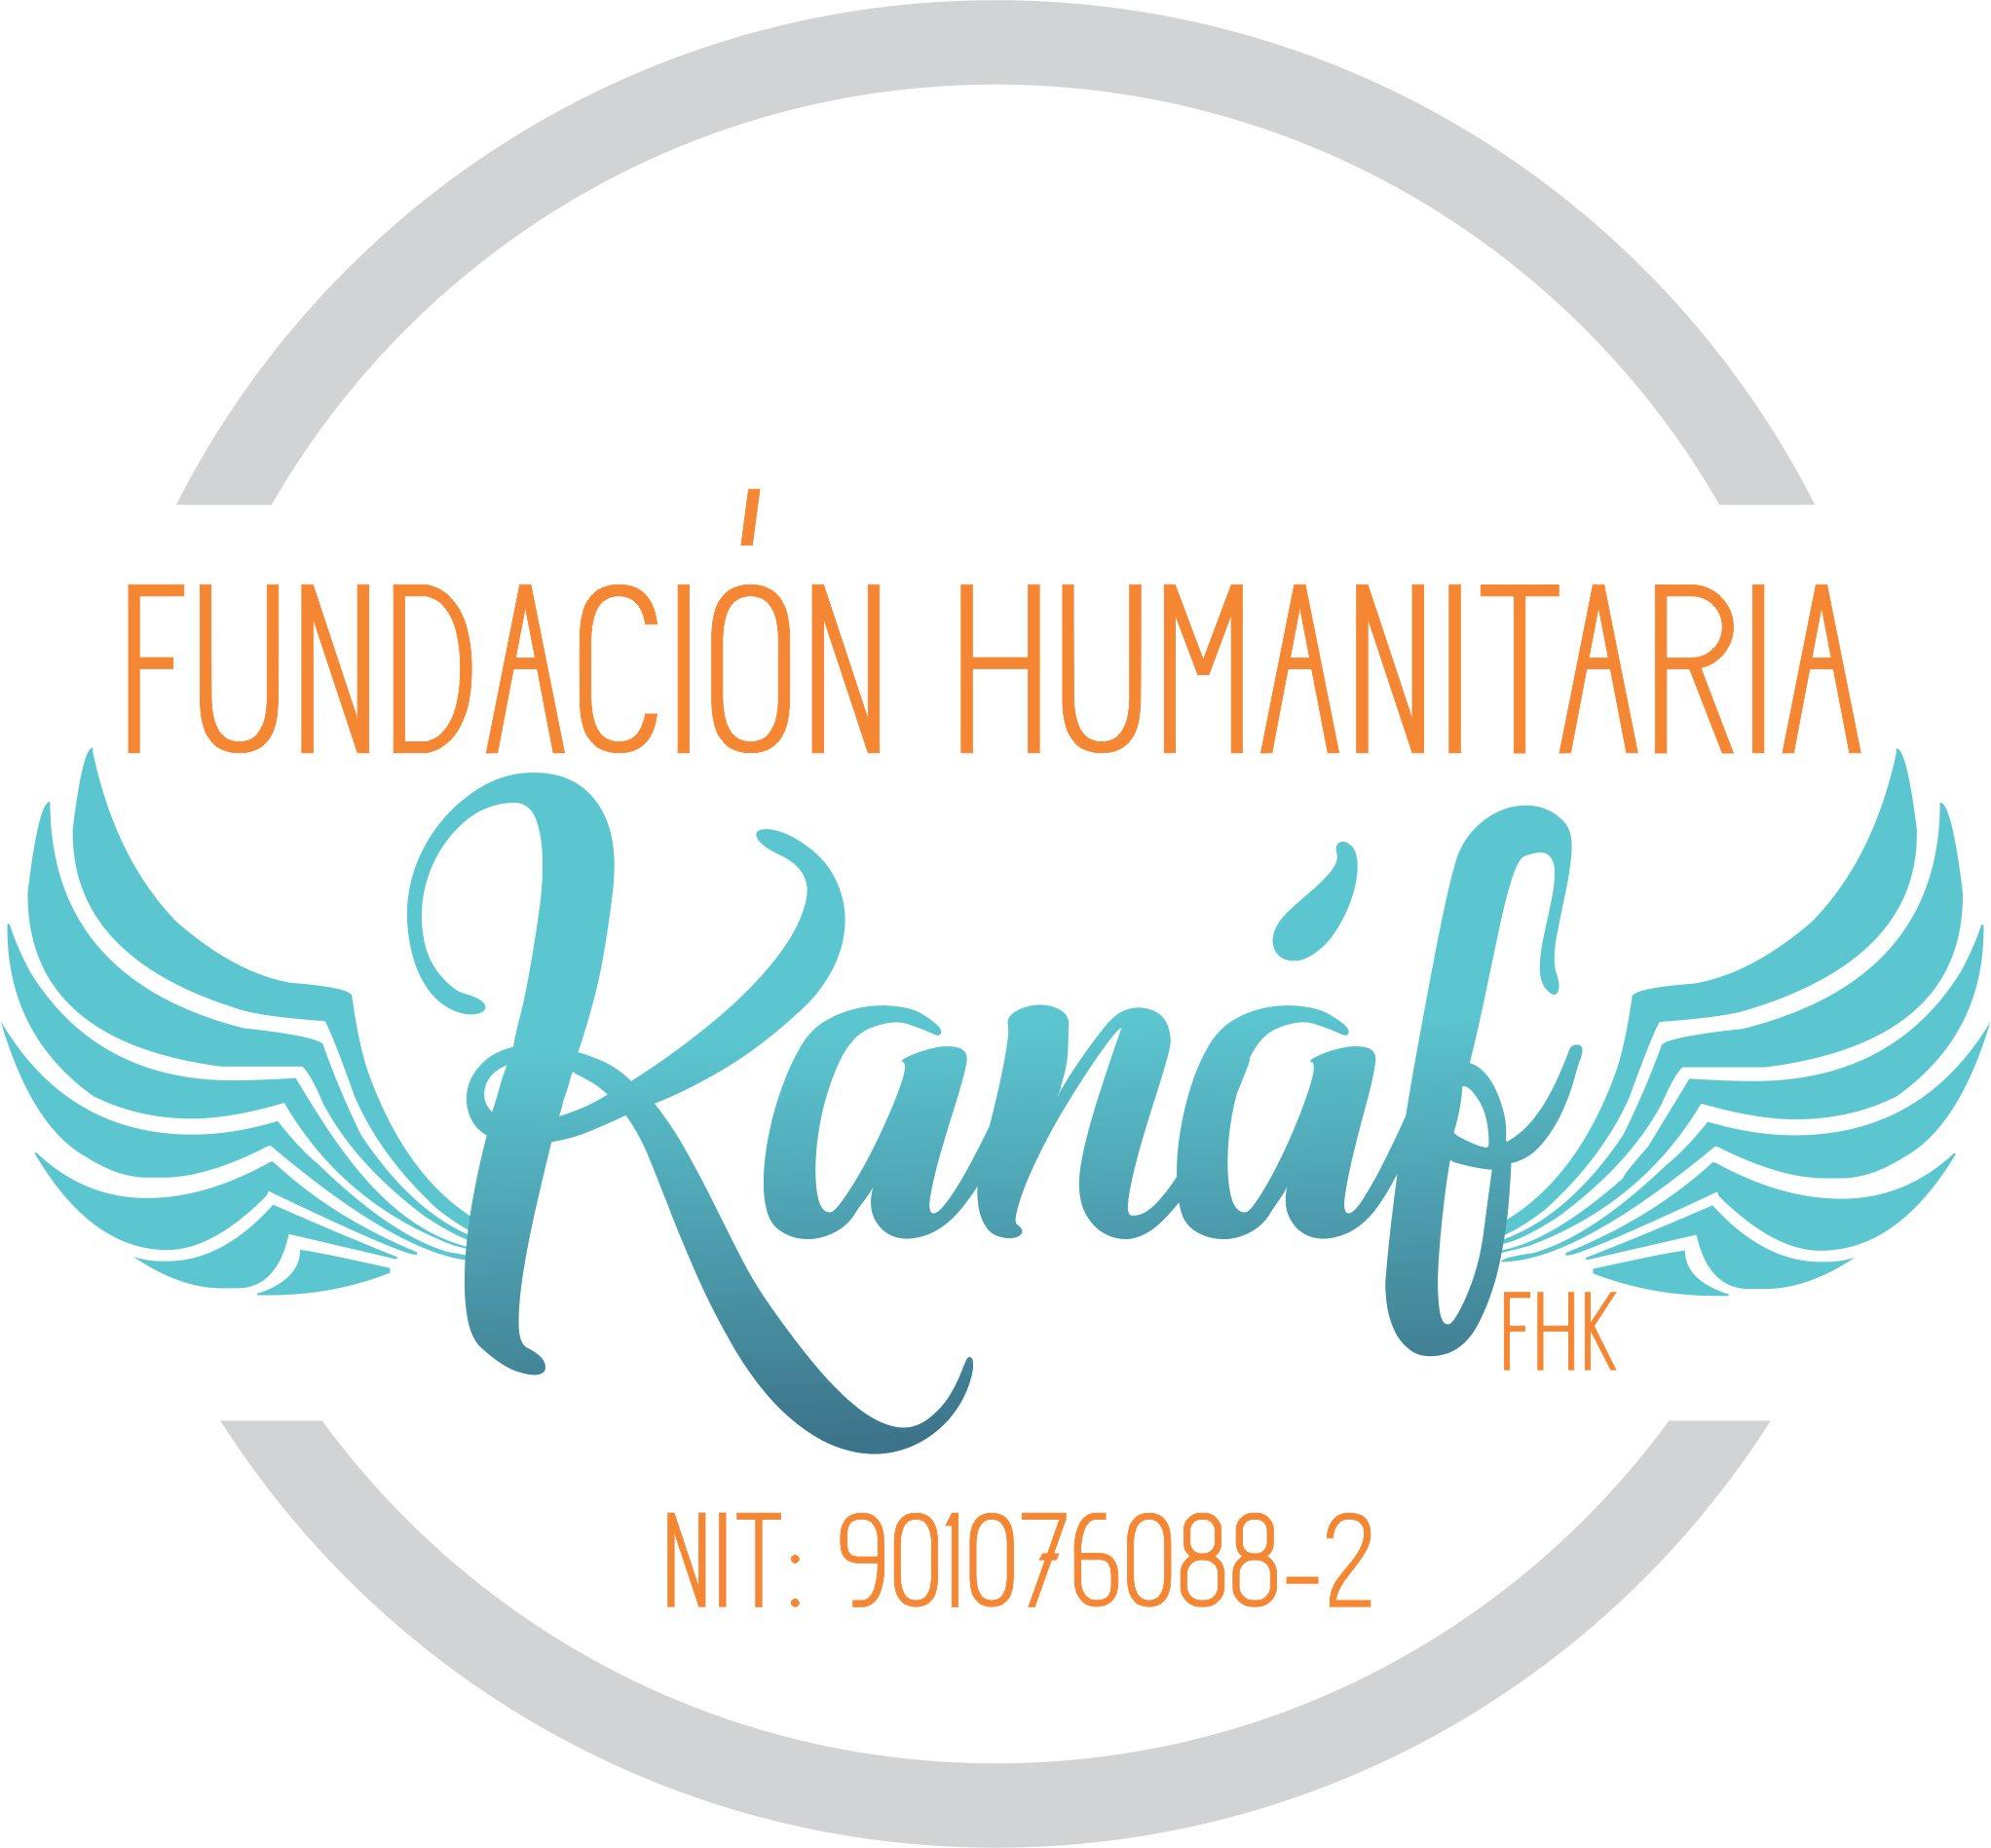 Fundacion Humanitaria Kanaf